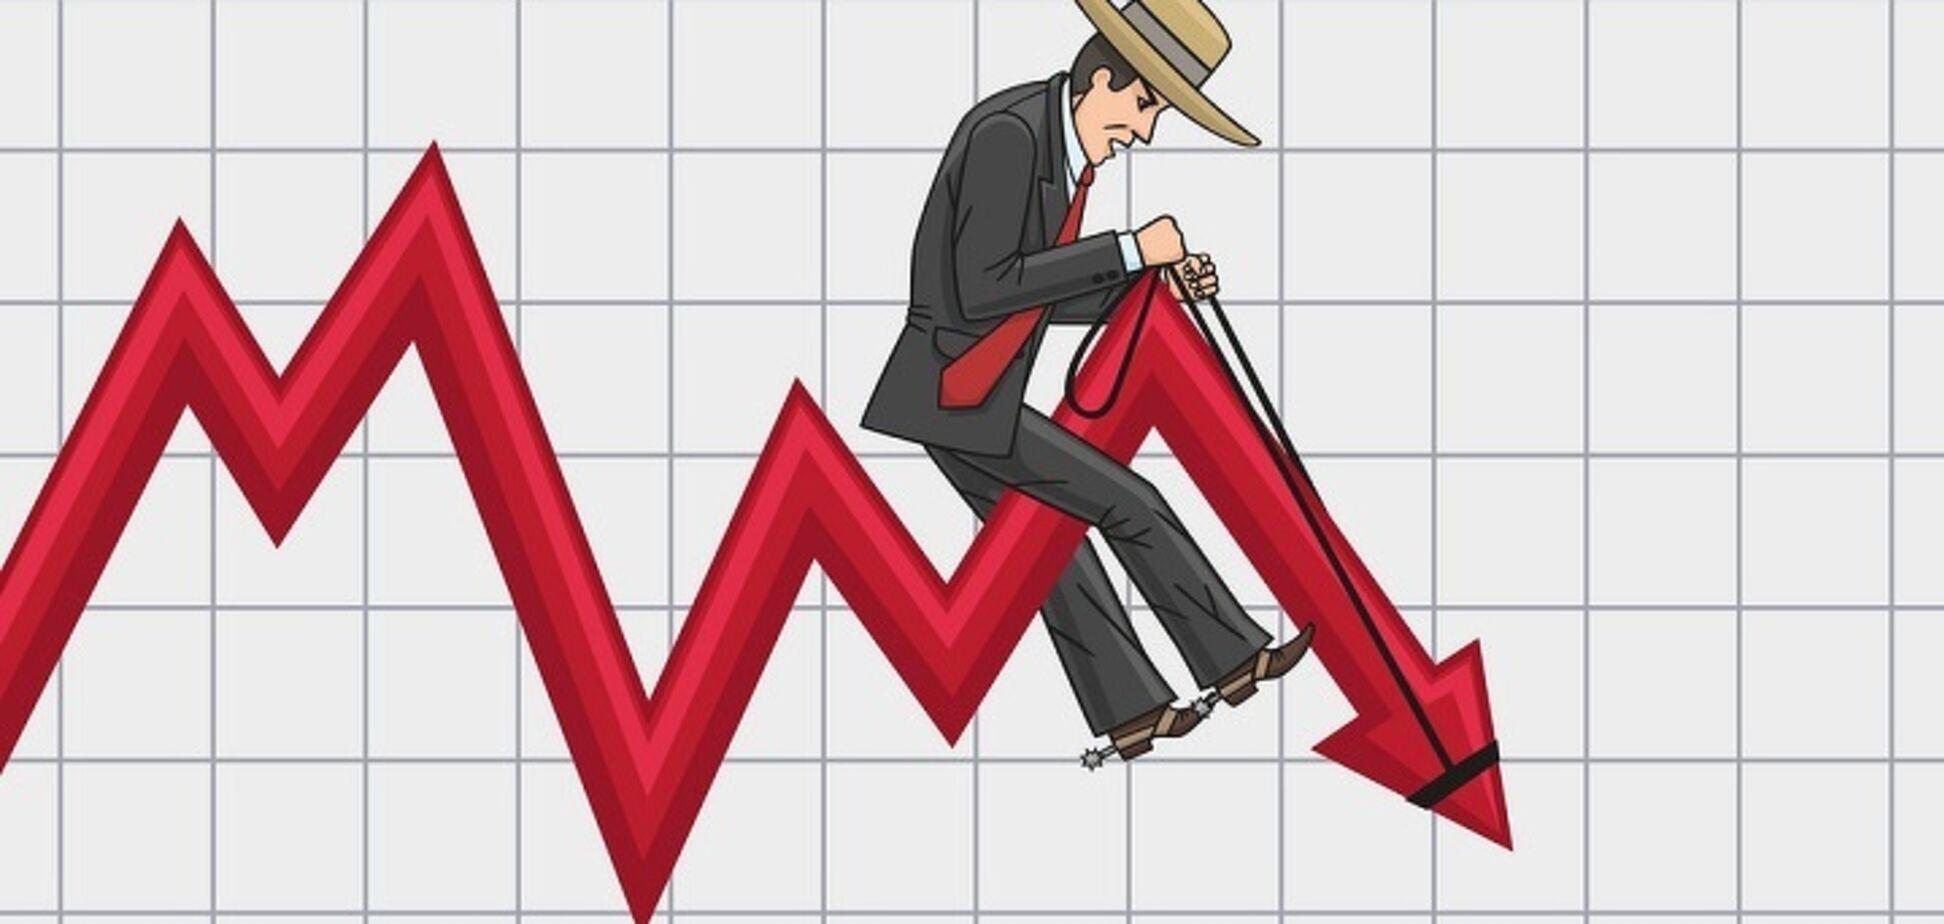 Увеличение ставки НБУ: инфляция будет выше, чем планировалось